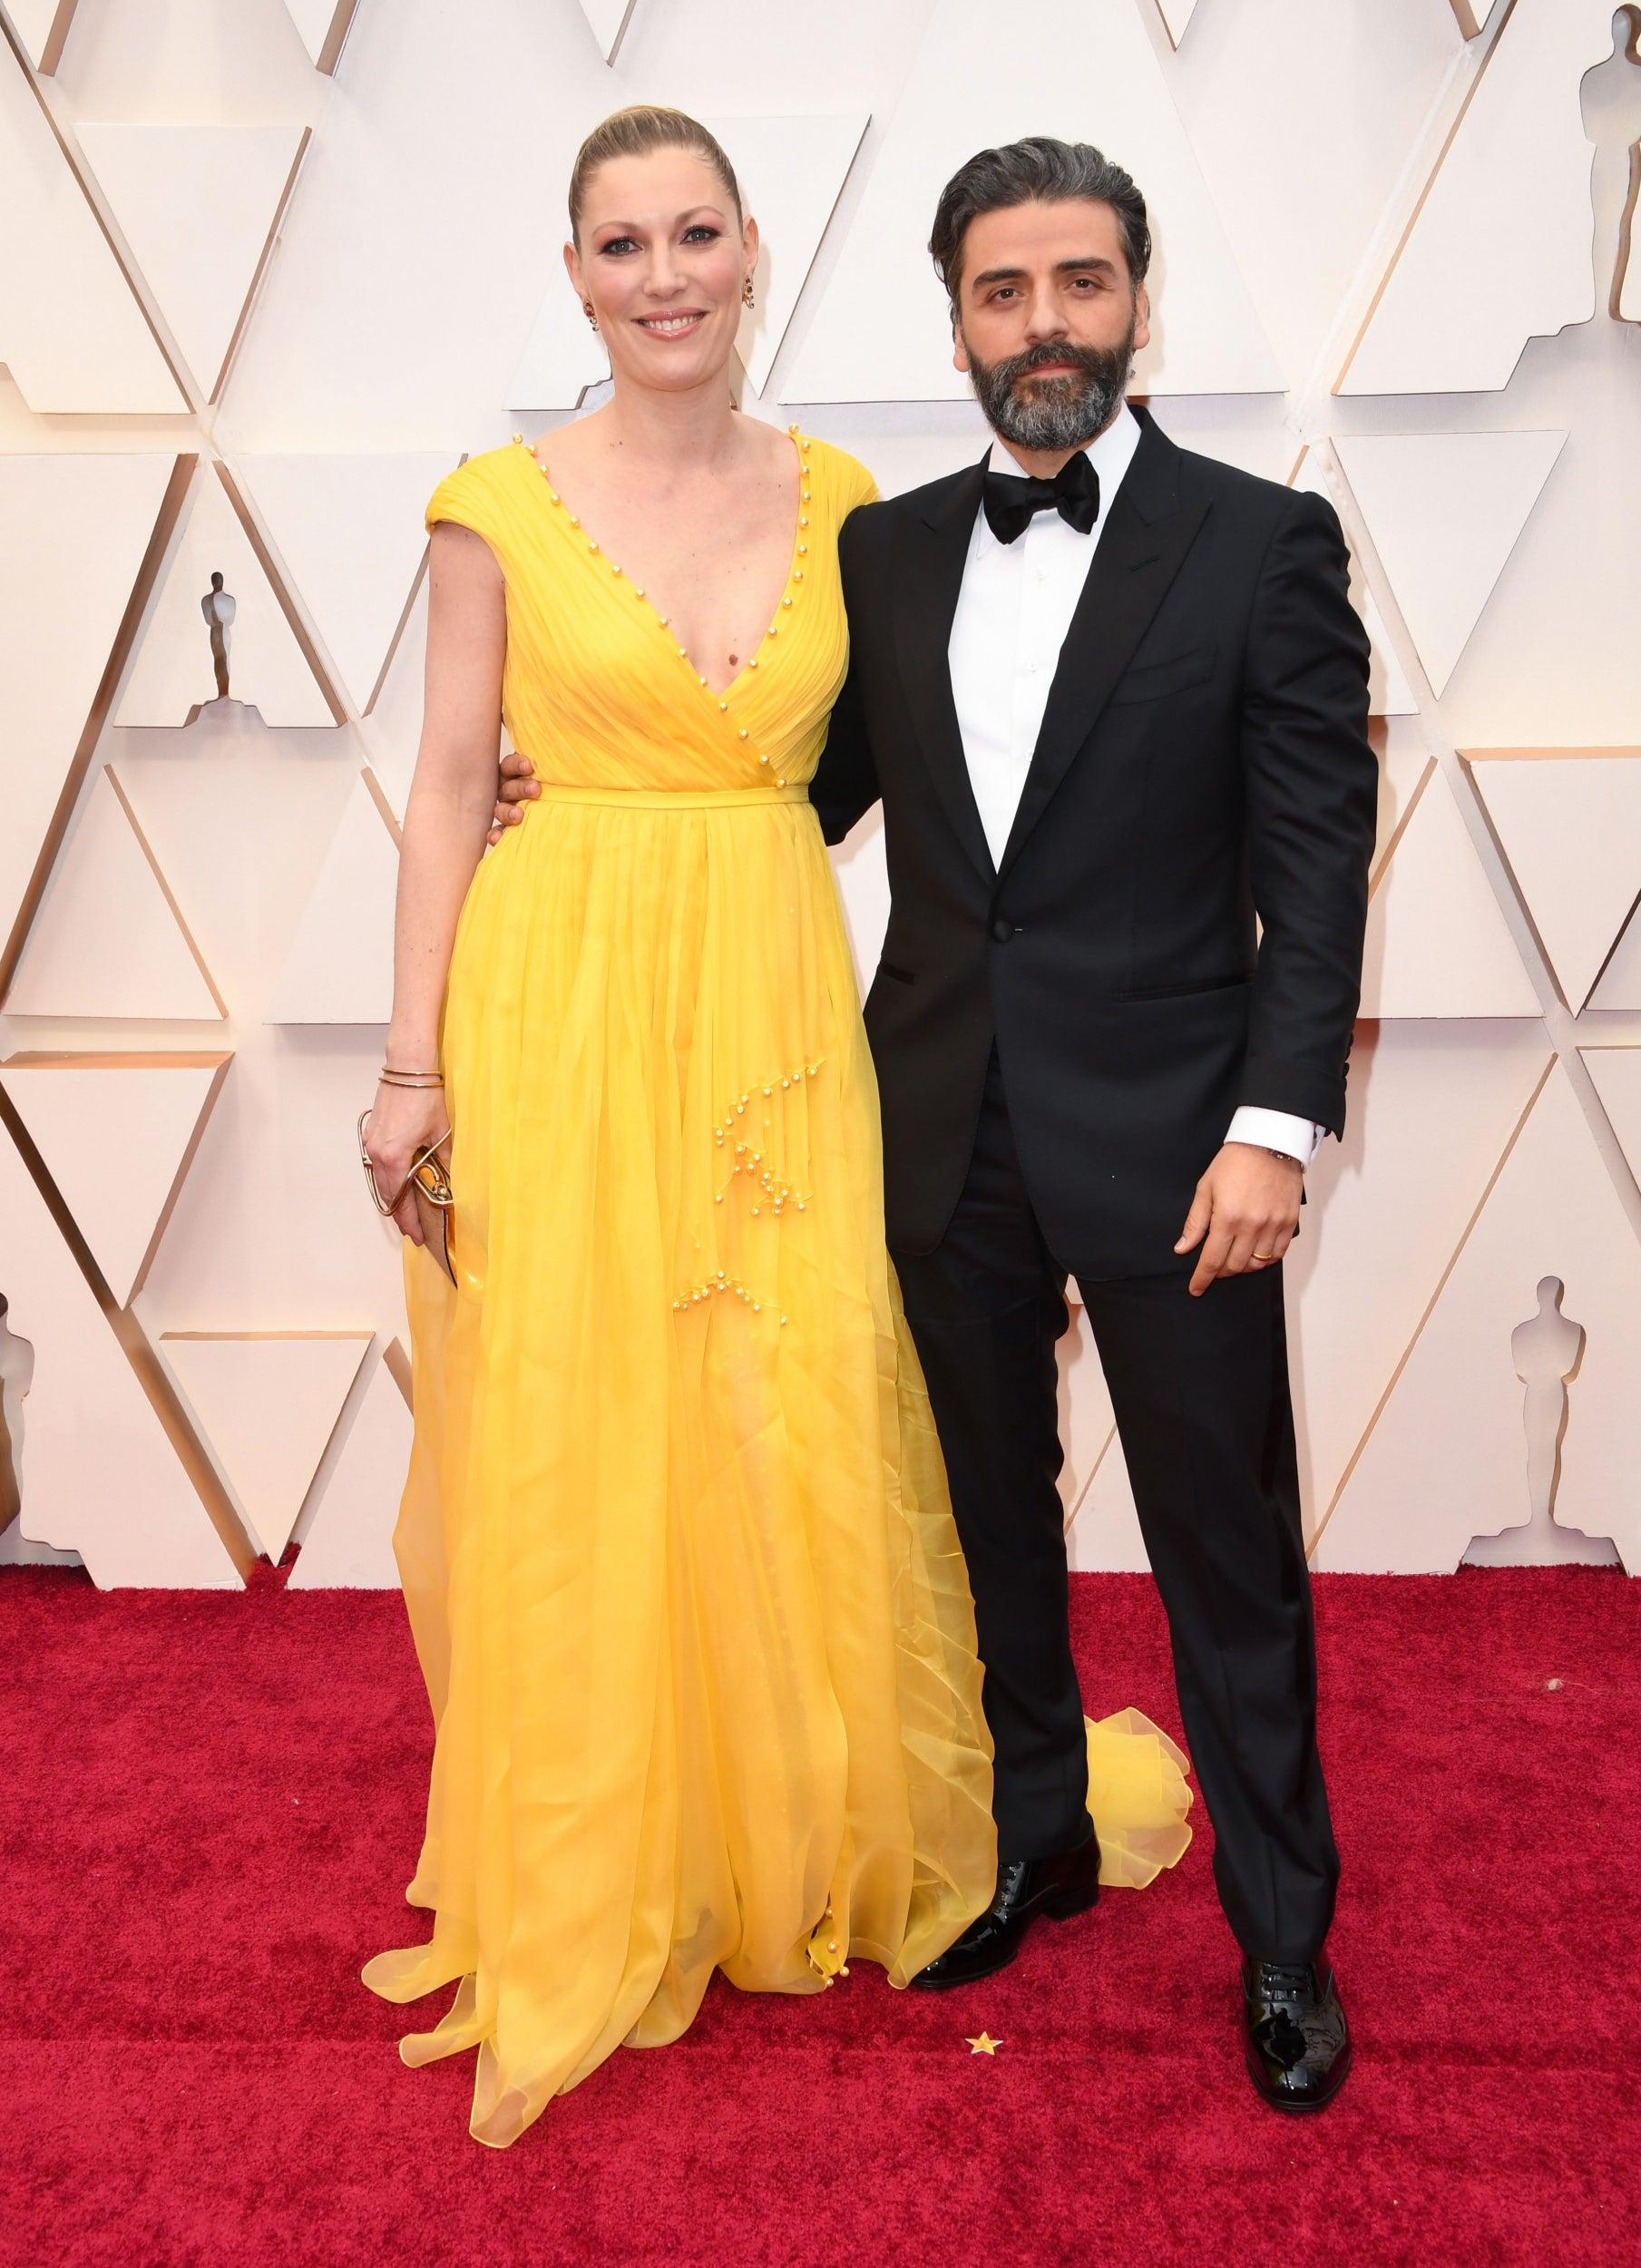 Oscar Isaac and Elvira Lind